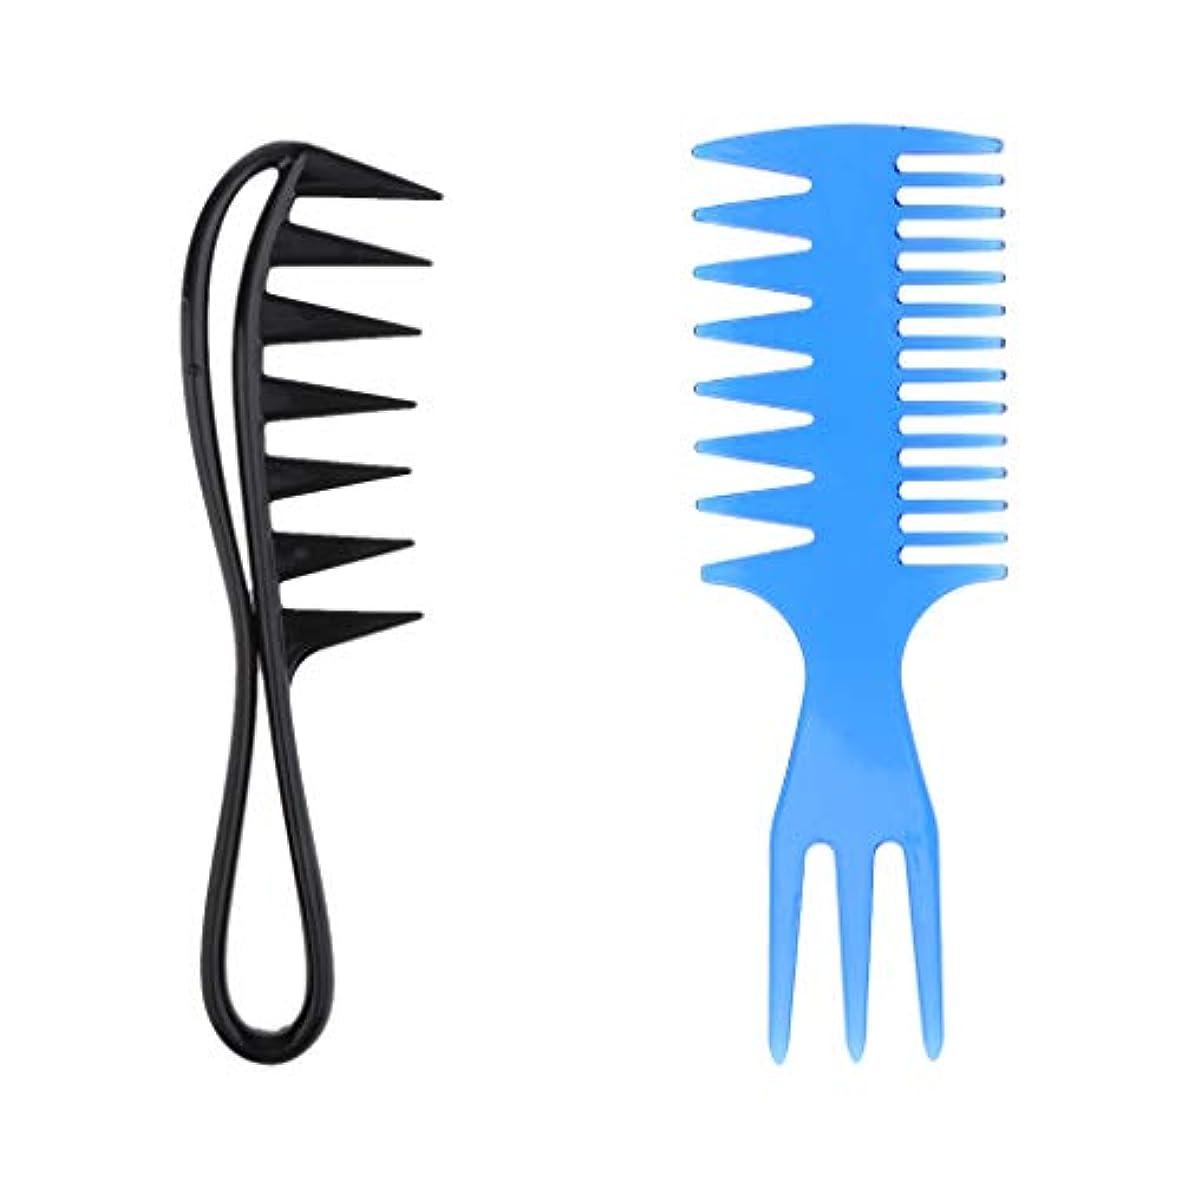 同じ犯罪超えて2個 男性用 油性髪ピックコーム サロン 染料 理髪 スタイリング用品 ヘアブラシ 広い歯